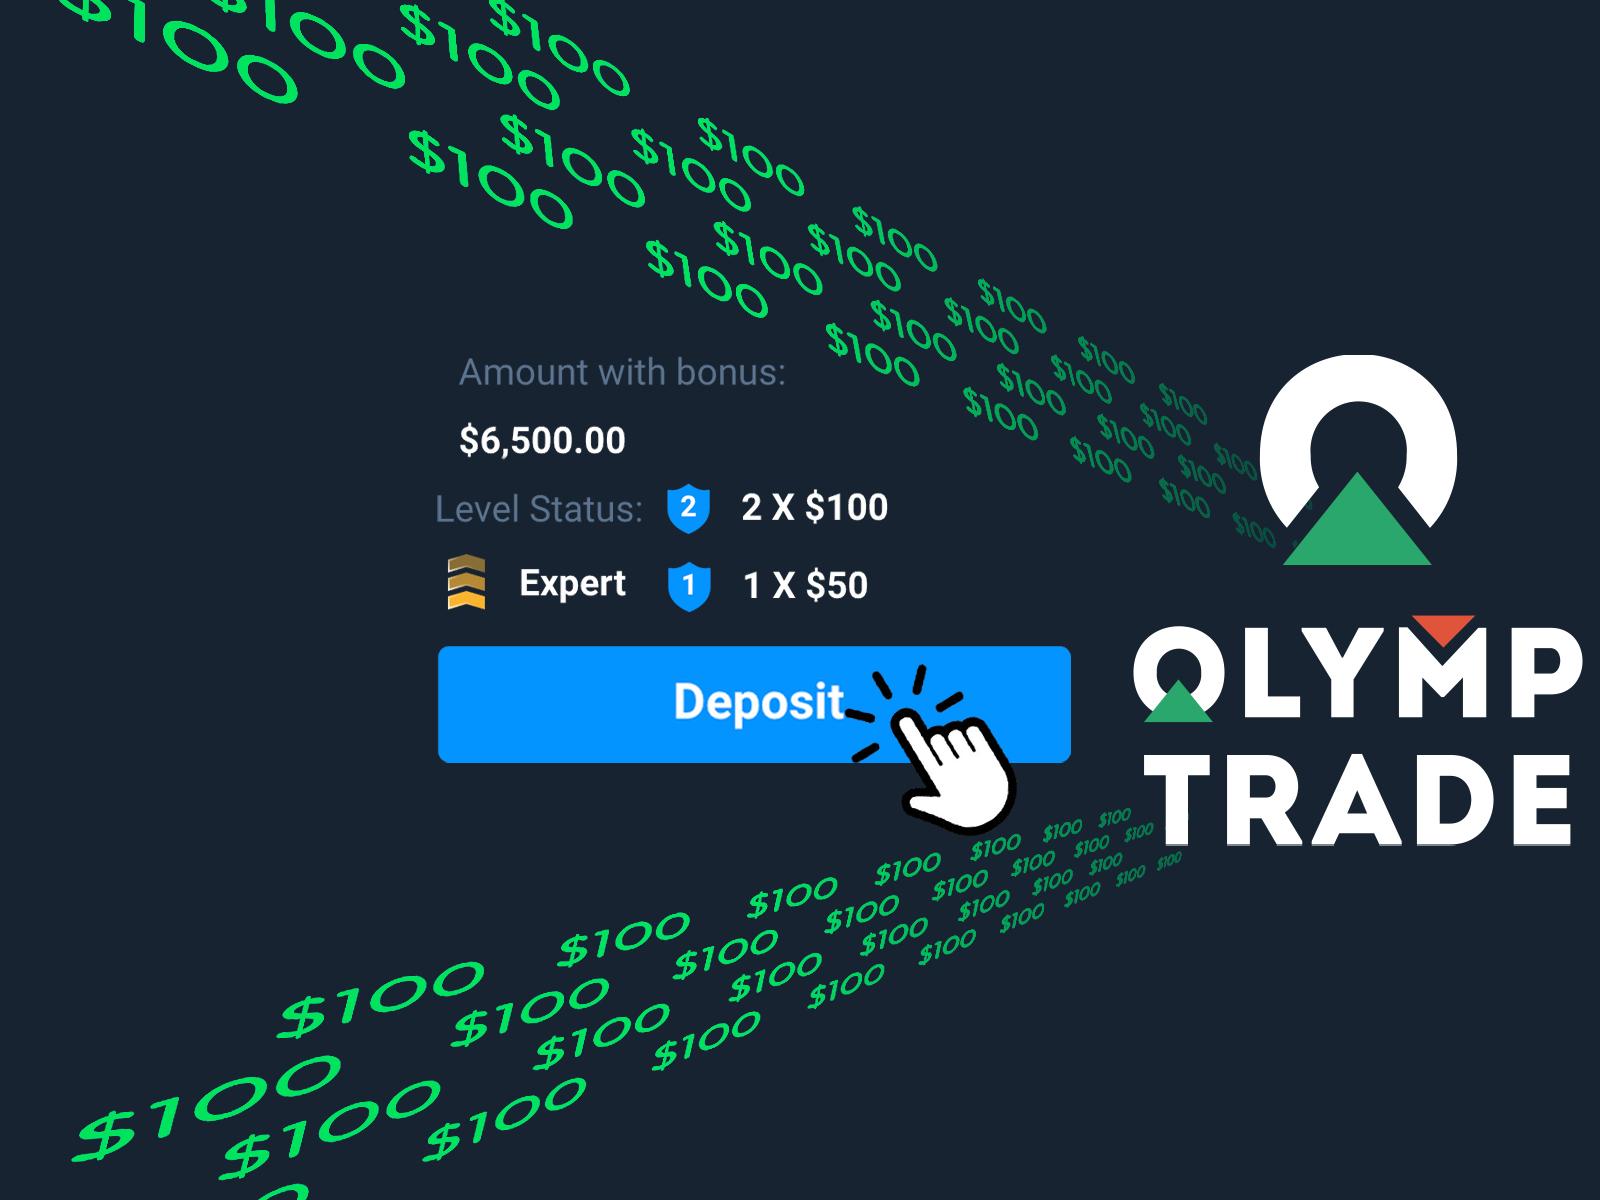 olimp trade login